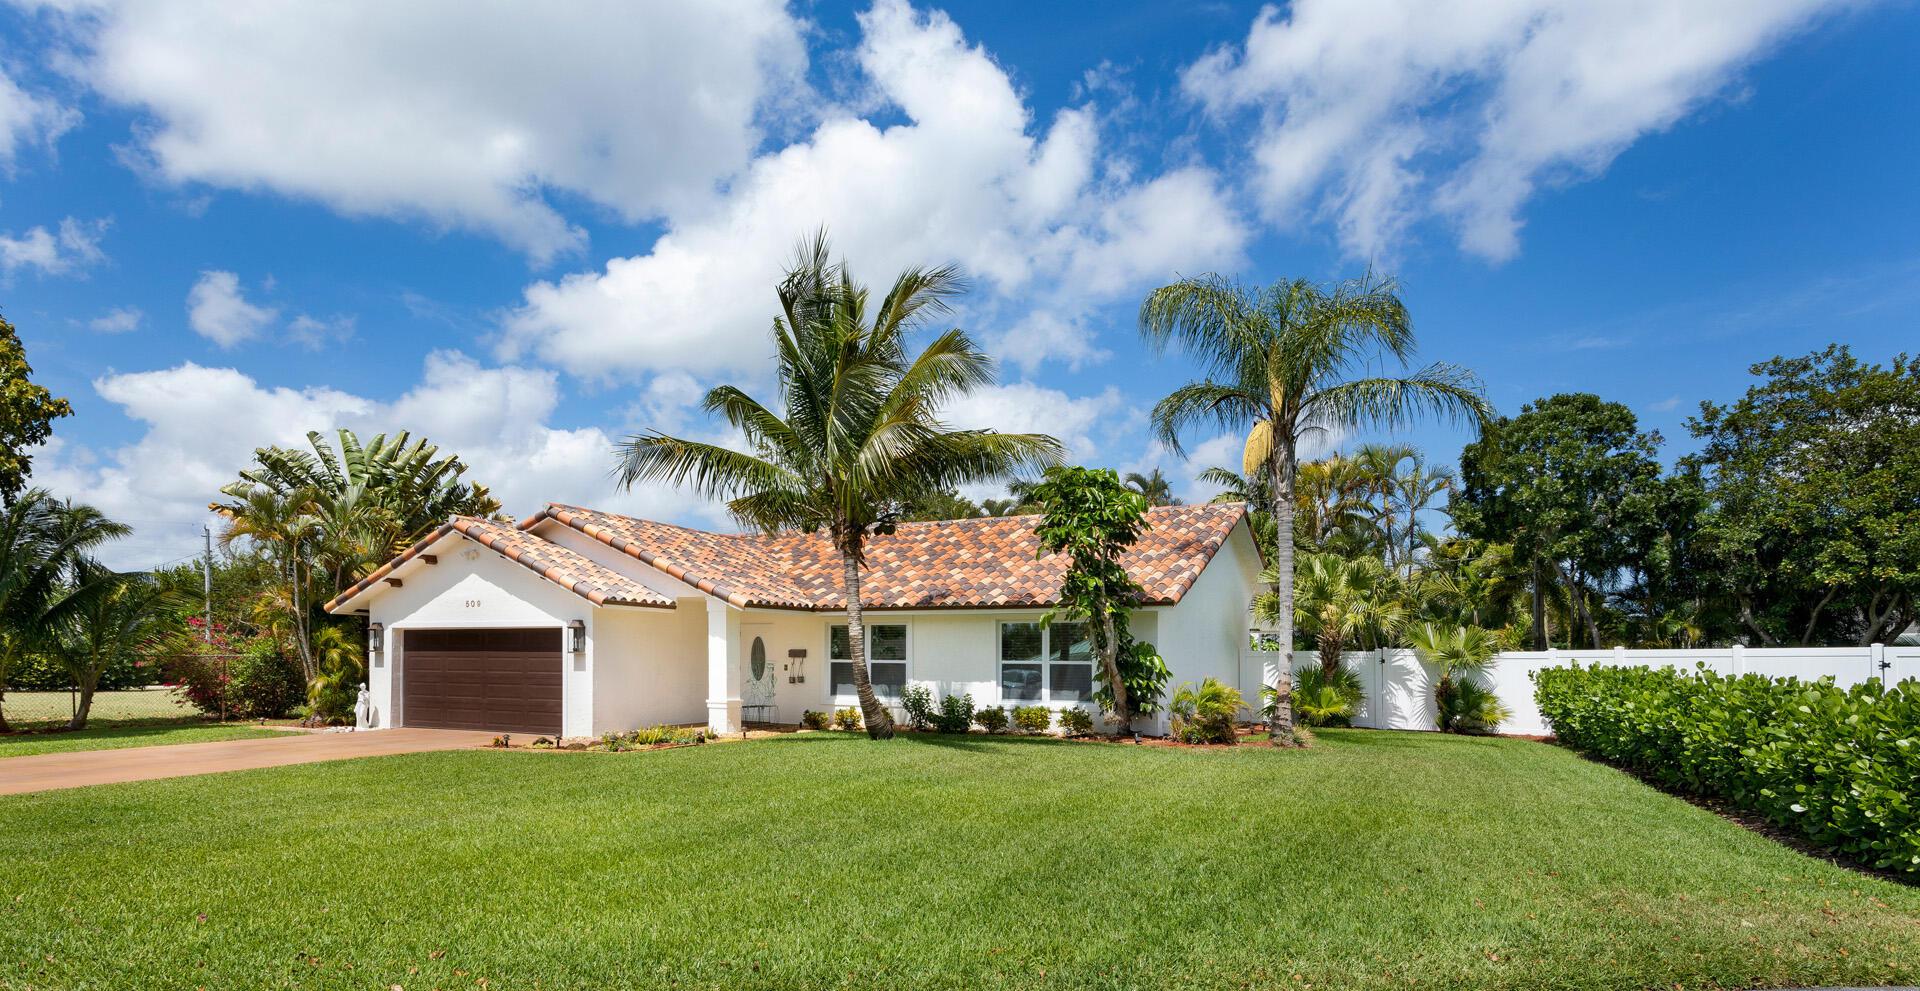 509 Eldorado Lane, Delray Beach, Florida 33444, 3 Bedrooms Bedrooms, ,2 BathroomsBathrooms,Single Family Detached,For Sale,Eldorado,RX-10699087